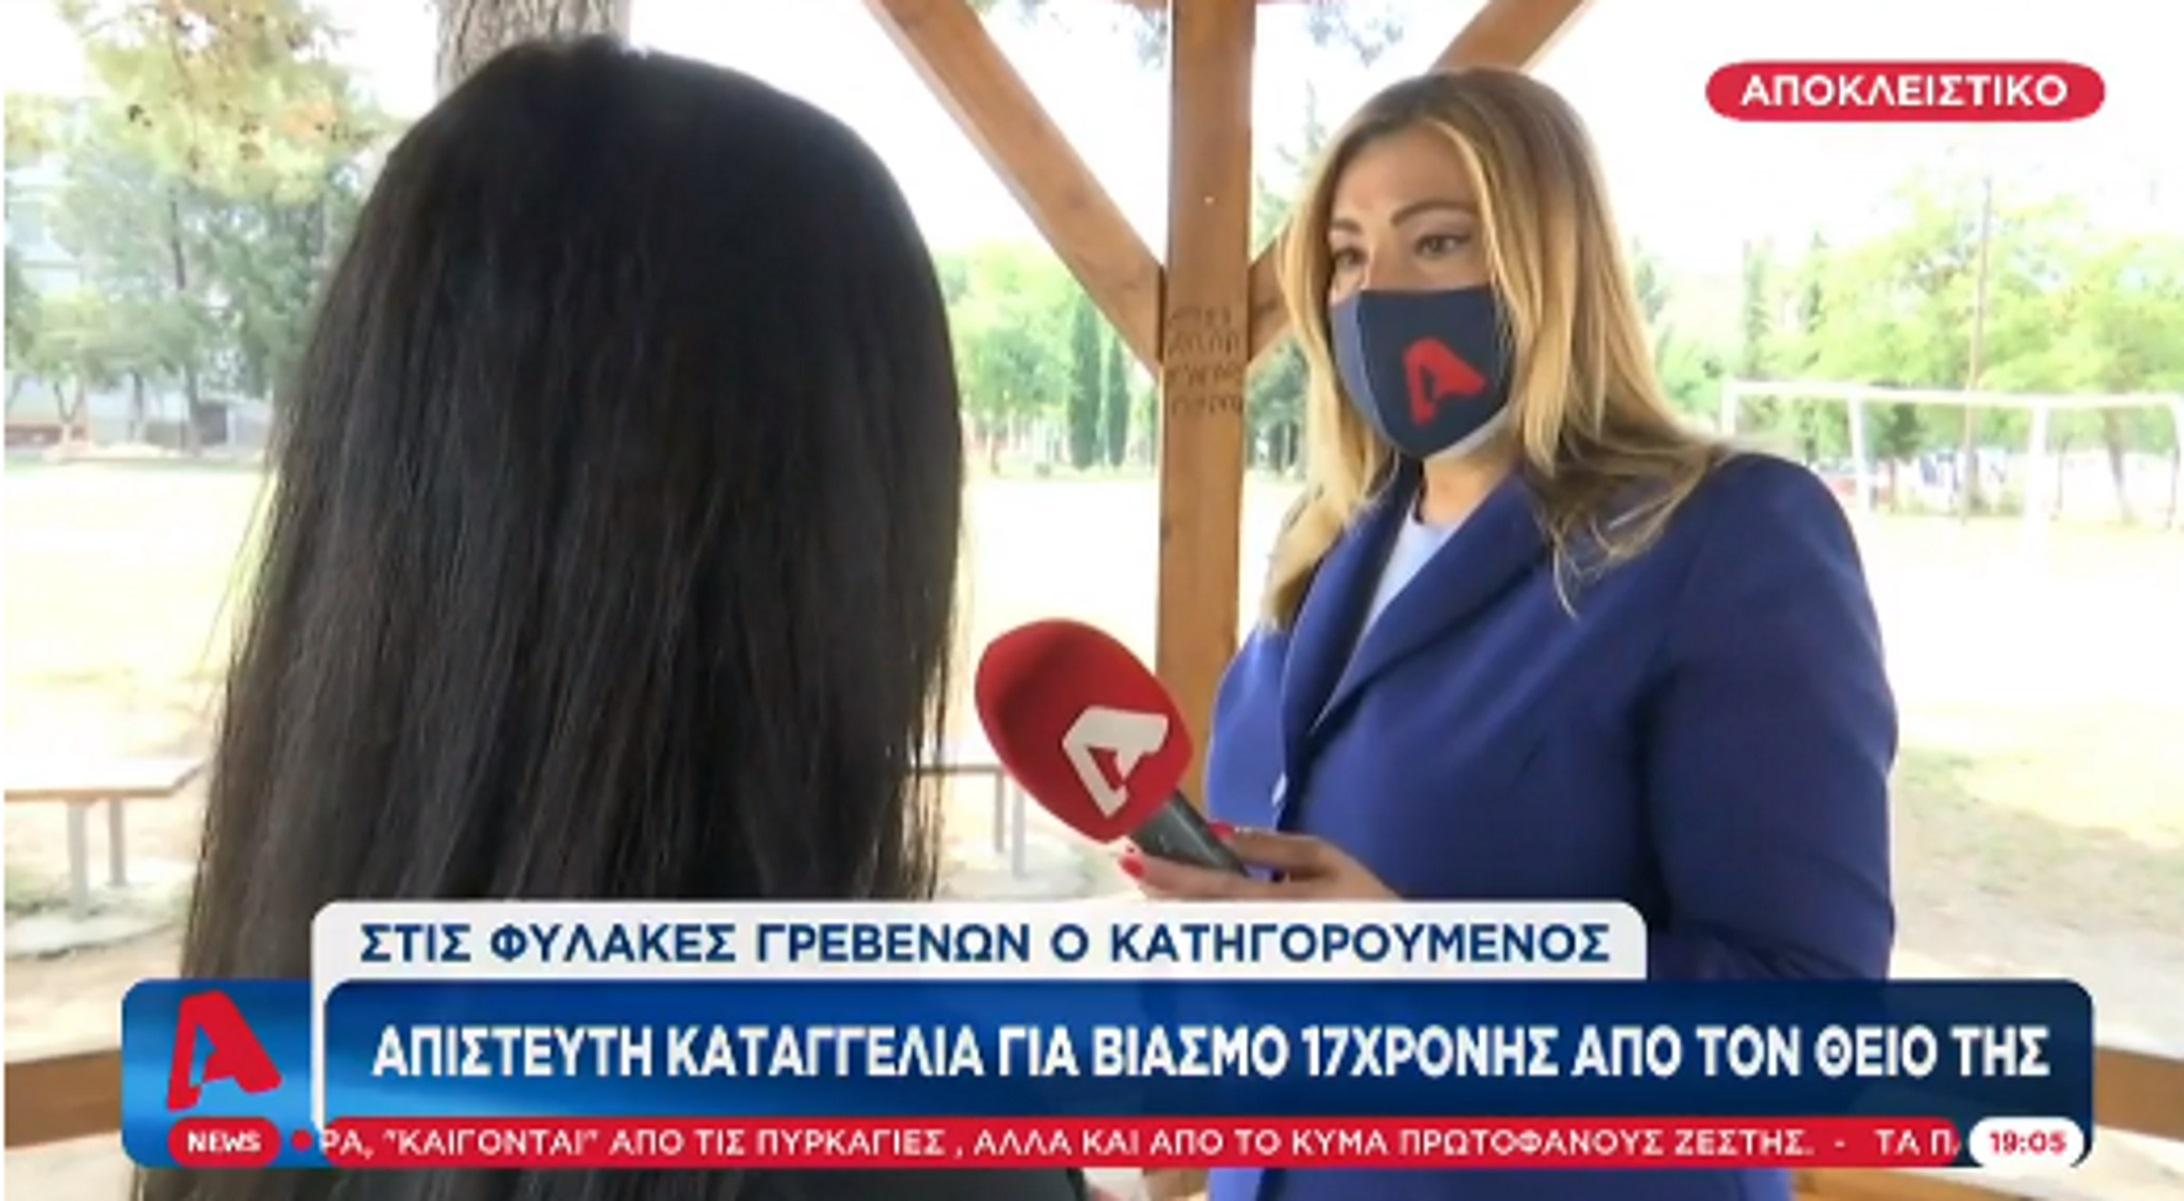 Θεσσαλονίκη: 17χρονη καταγγέλλει ότι τη βίαζε ο θείος της – «Με απειλούσε  να μη μιλήσω»